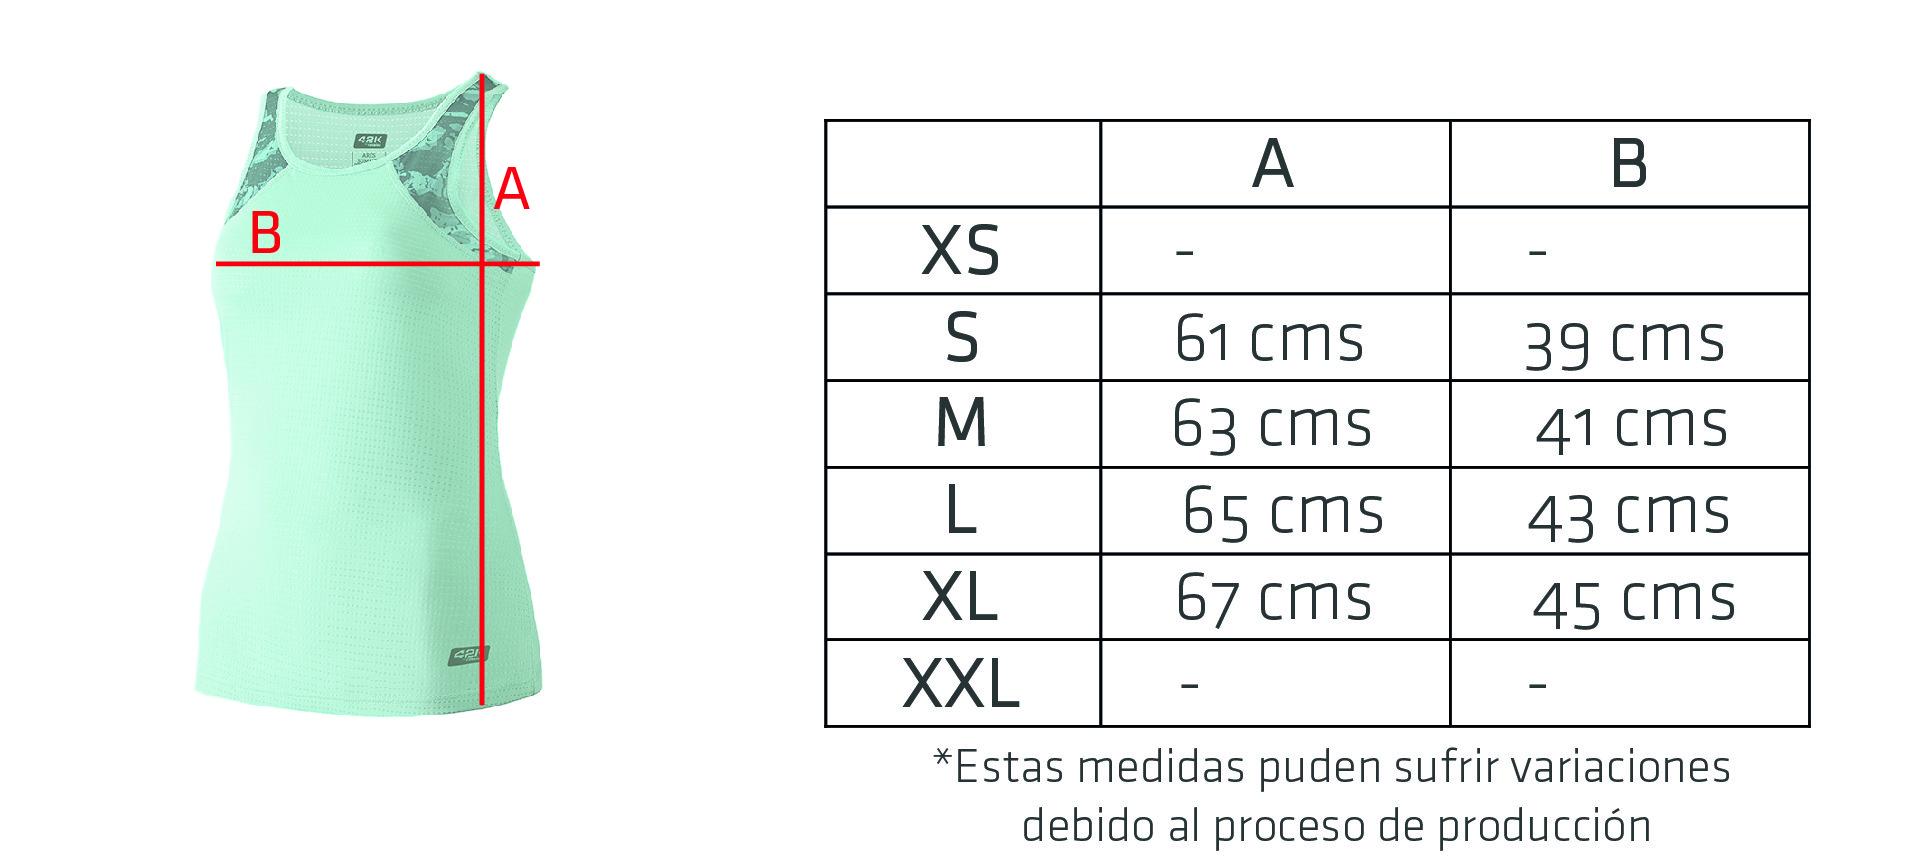 Plantilla Medidas Camisetas Woman 01 01